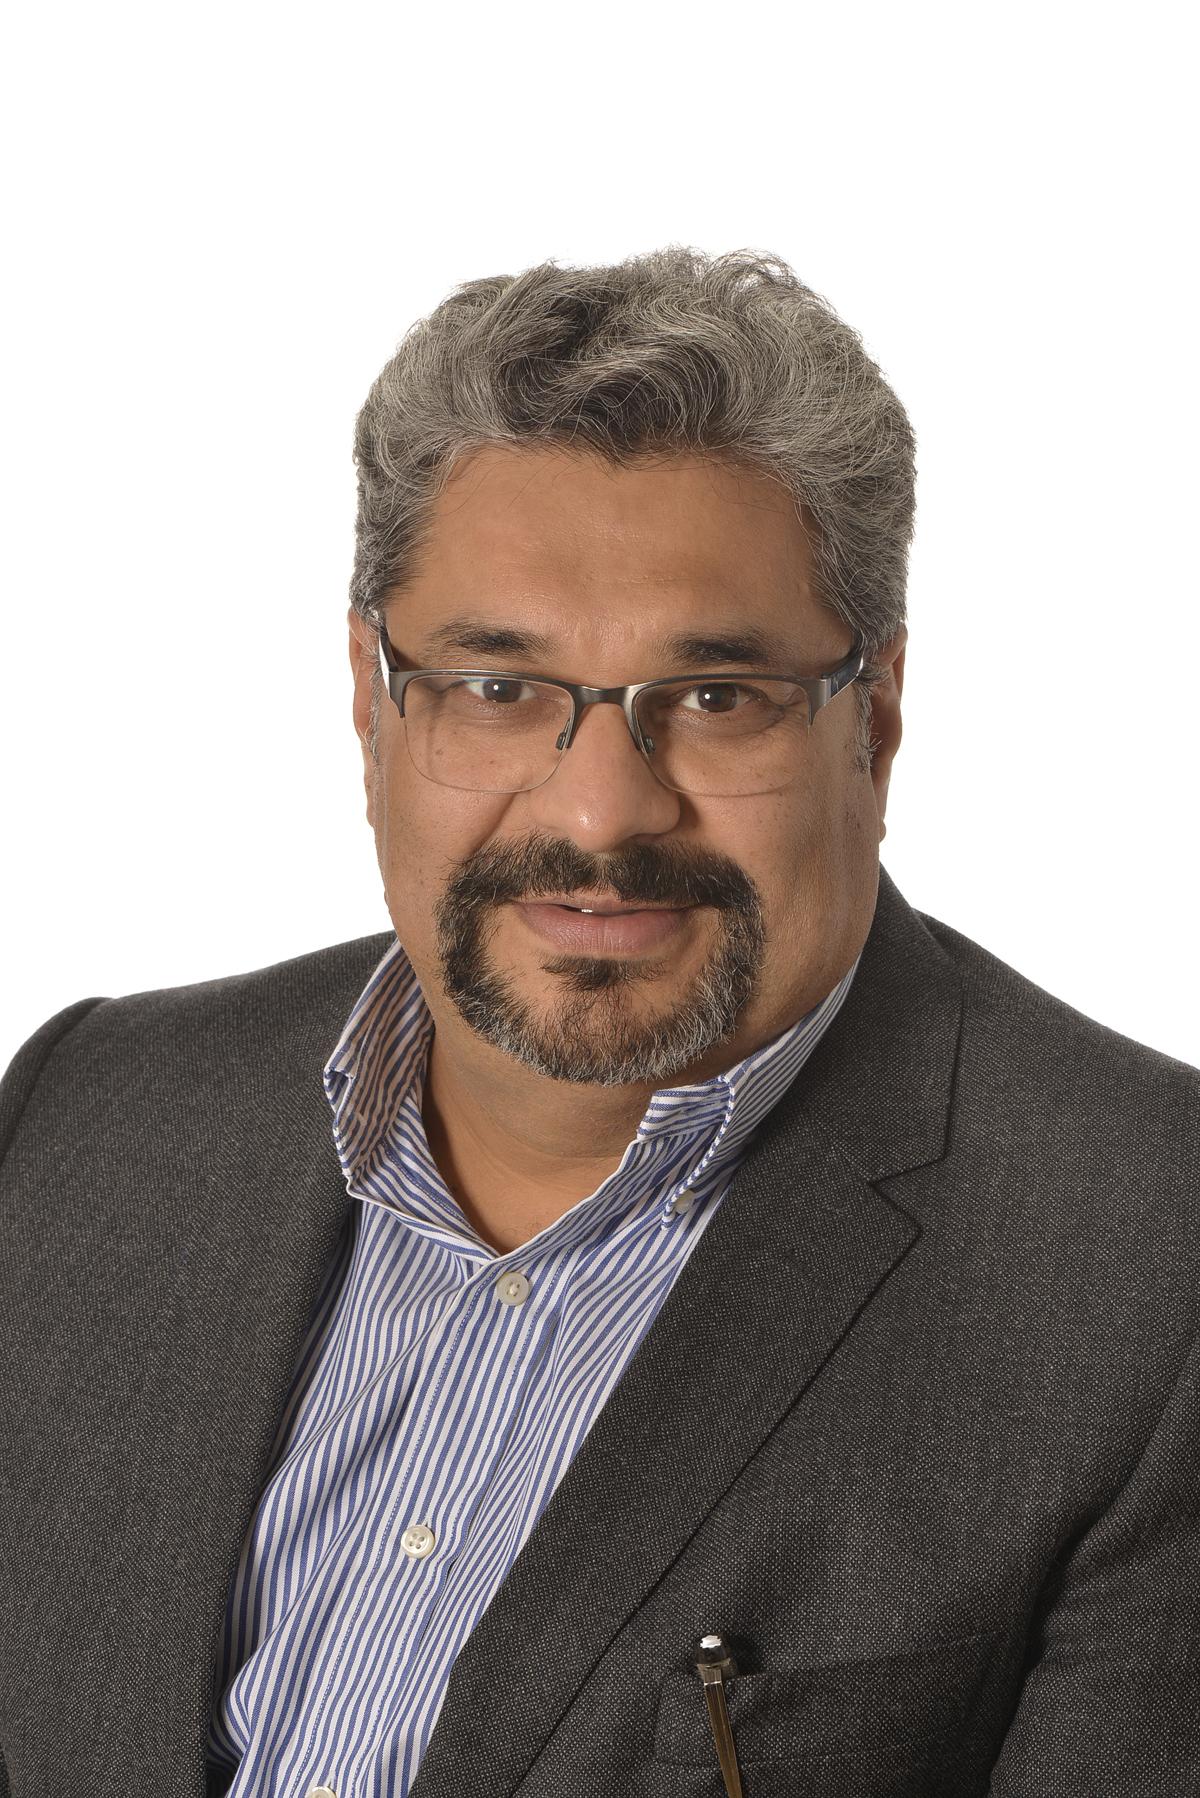 Mr Iqroop Chopra